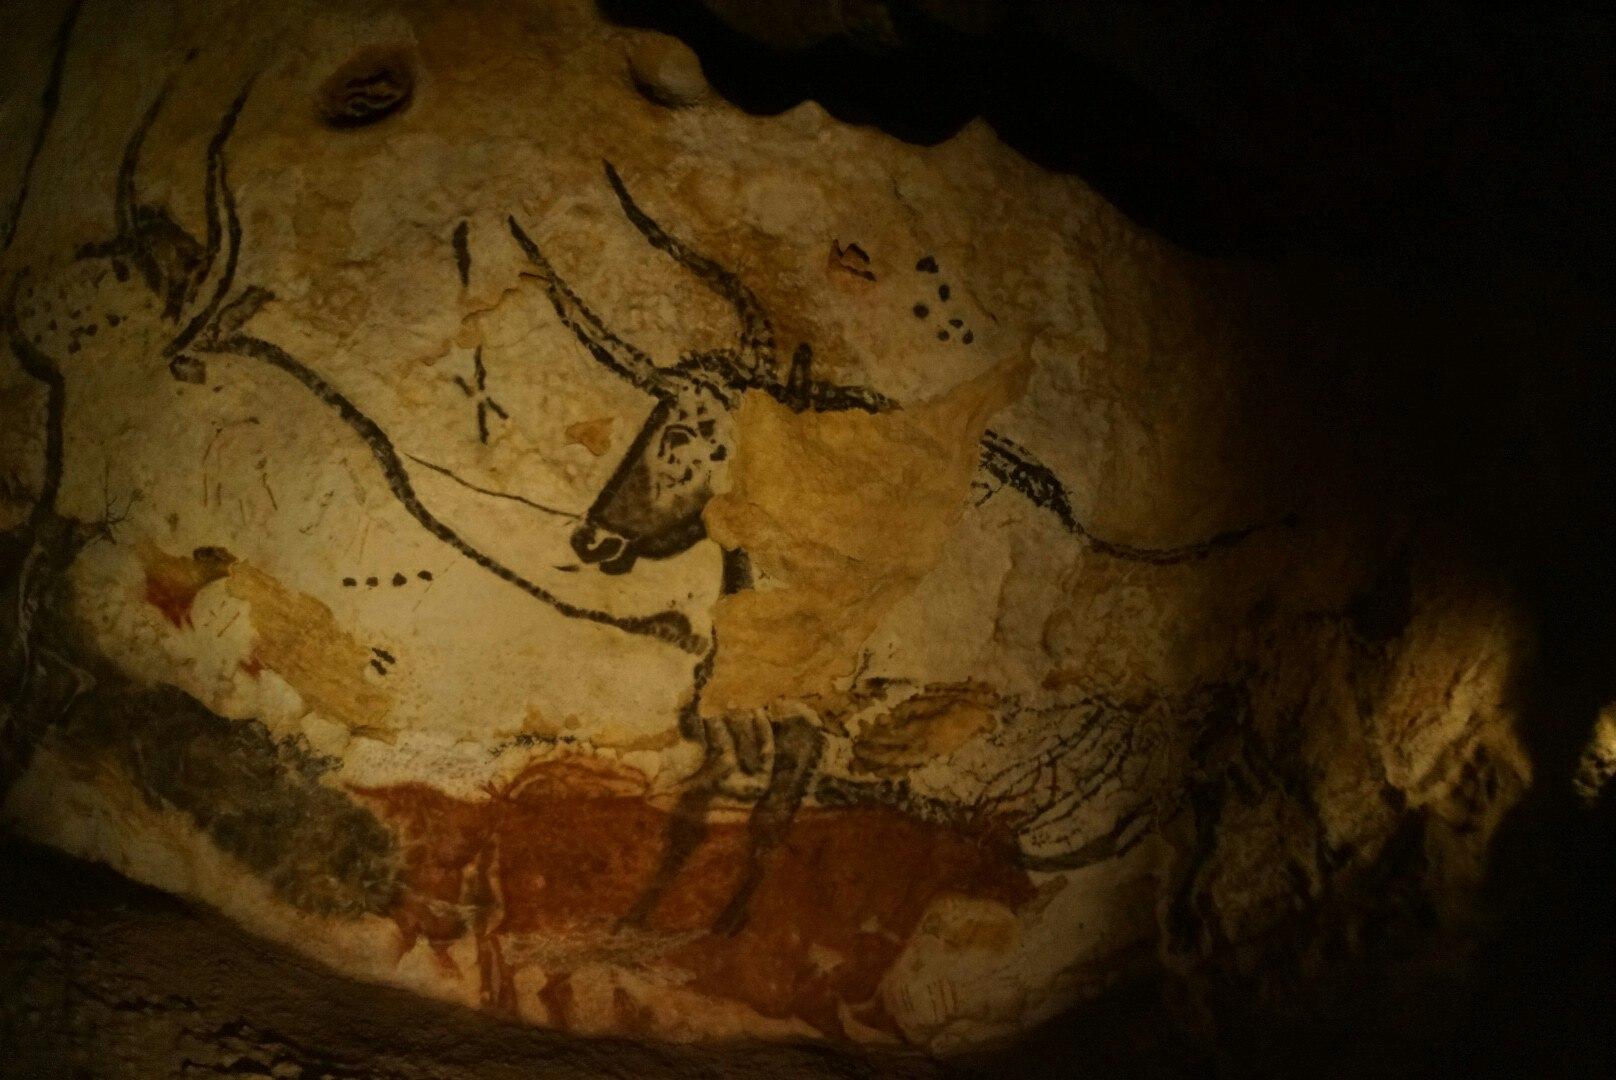 Изображение из пещеры Ласко (Grotte de Lascaux)